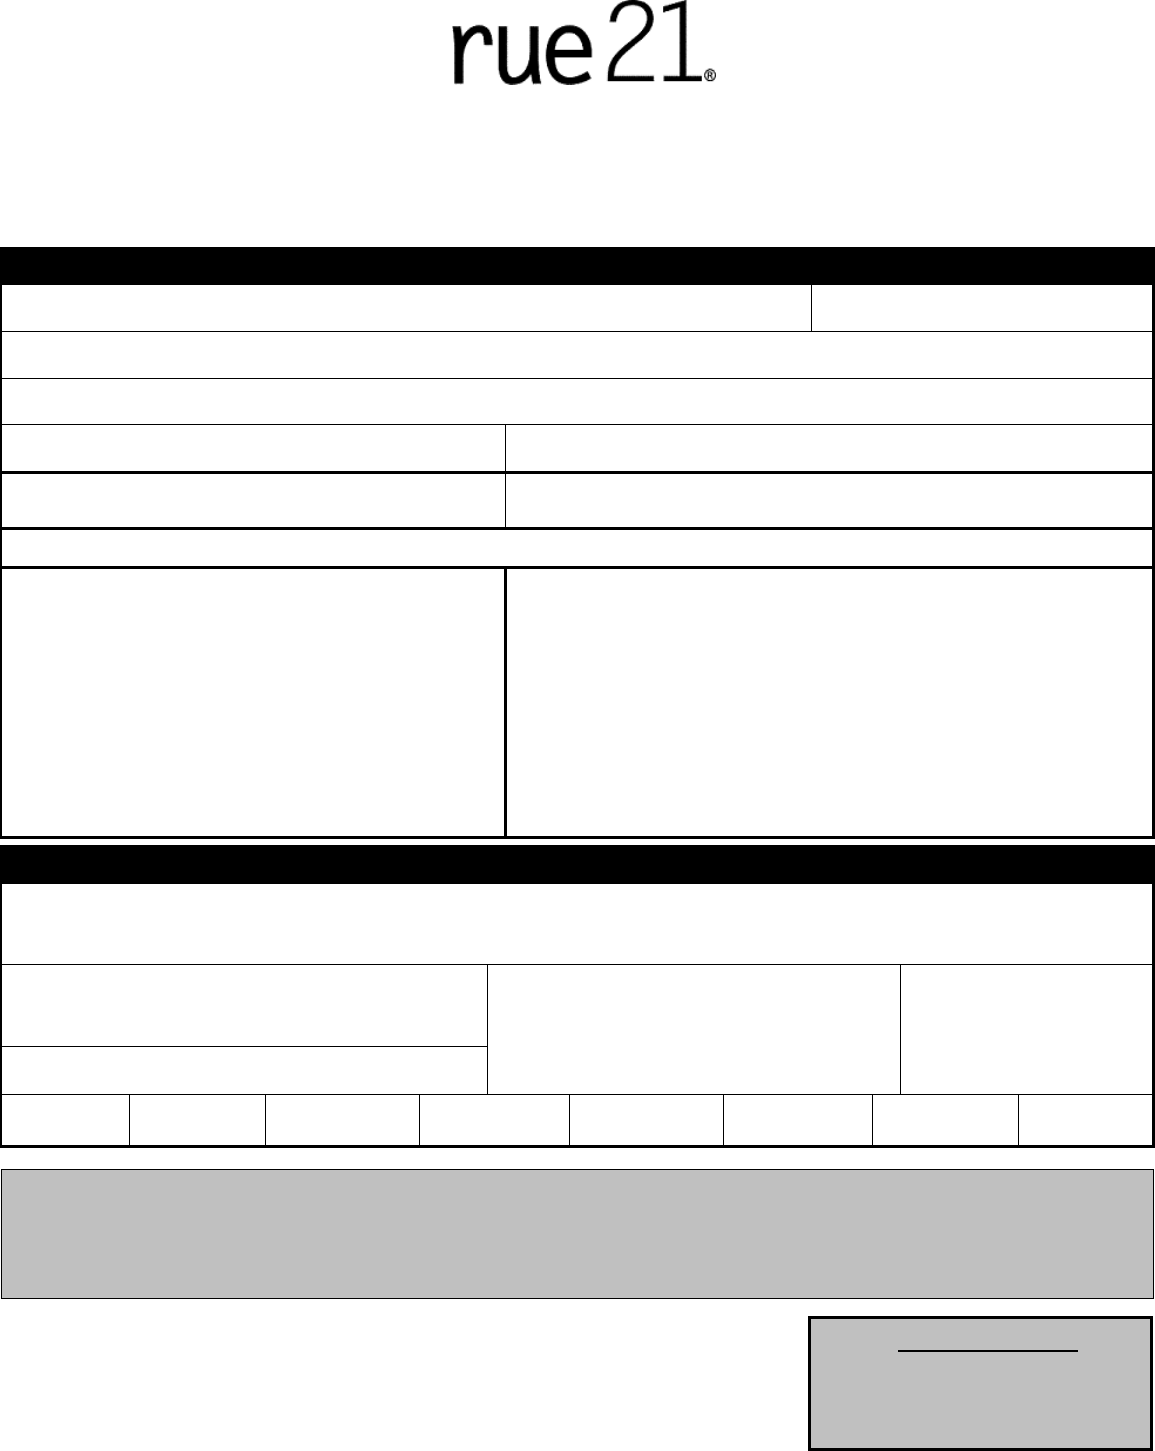 Free Printable Rue 21 Job Application Form